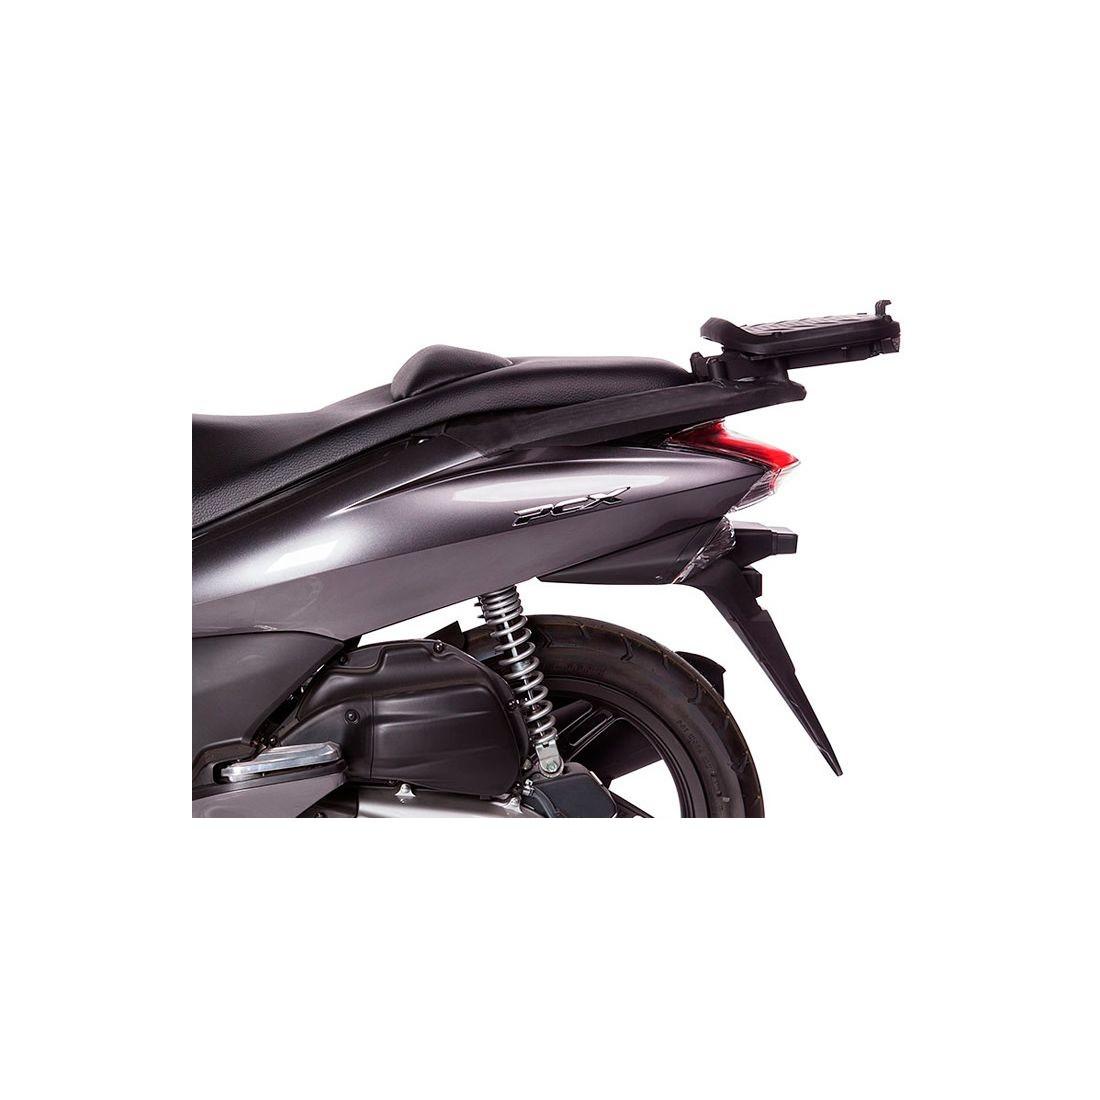 Fijación Top Master Shad Honda PCX 125 17-18